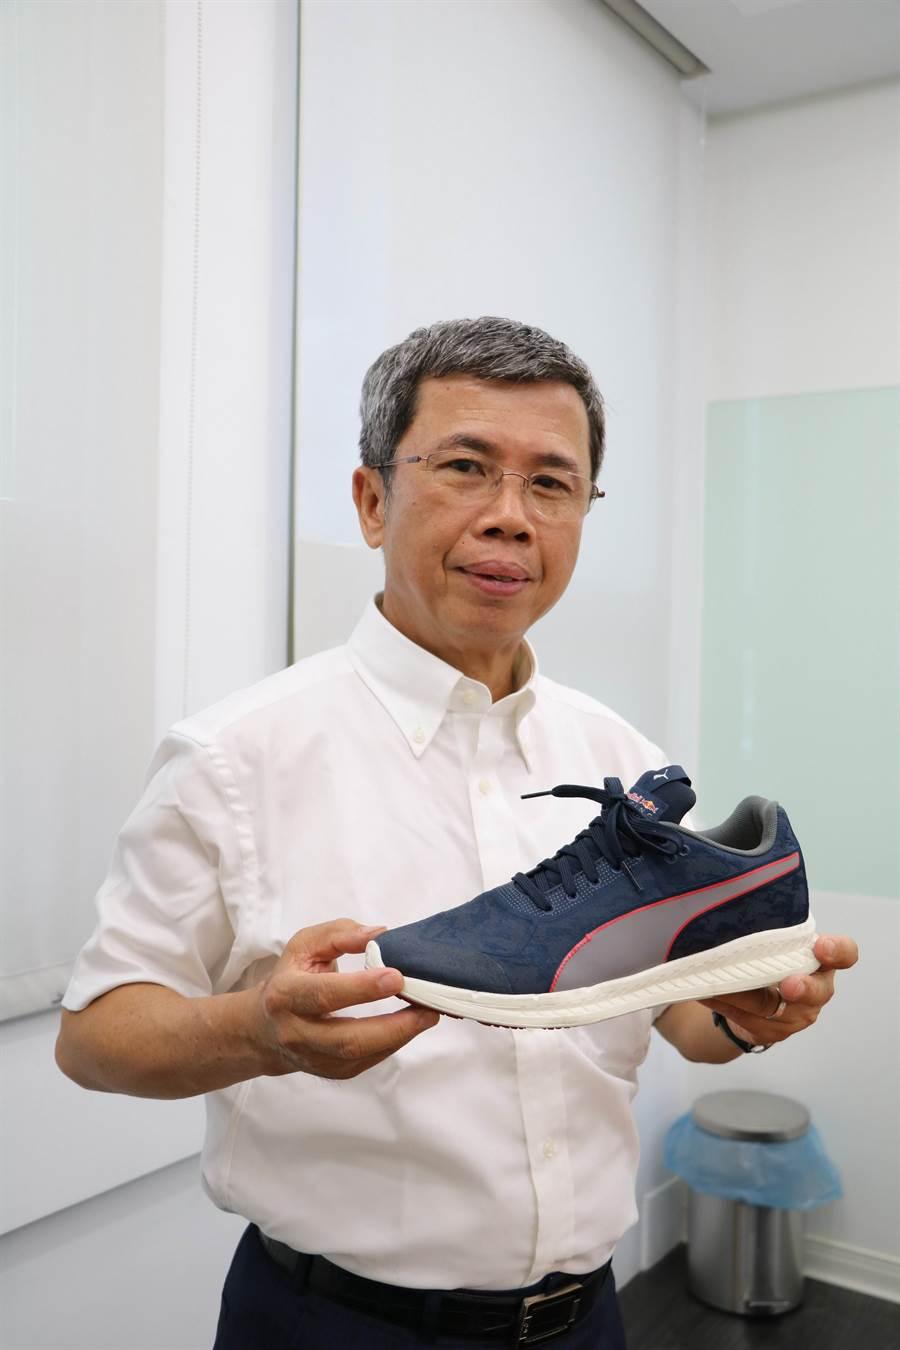 台灣百和董事長鄭森煤今日在股東會後,手持著採用公司「一片式雙面繡」的運動鞋樣品,說明該項創新產品,已被國際品牌大廠所接受。(劉朱松攝)